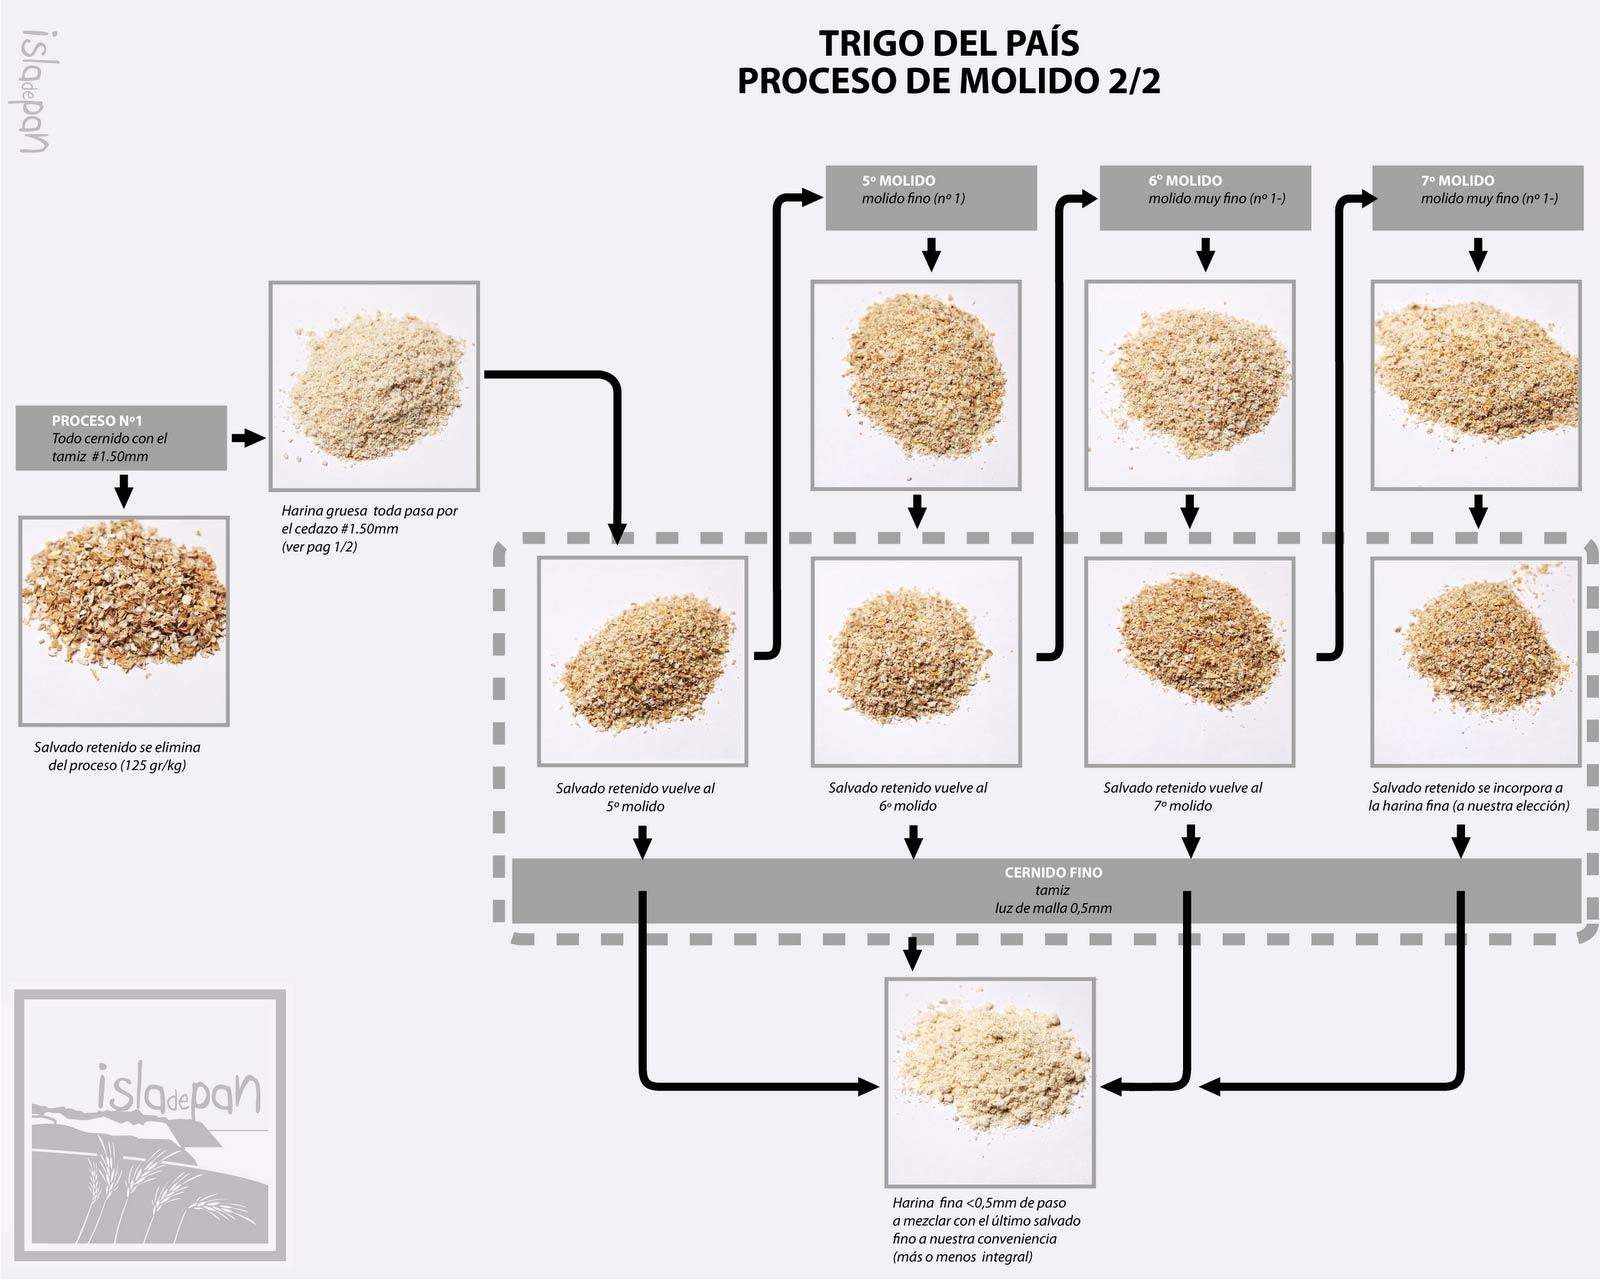 Proceso de refinado de la harina del trigo